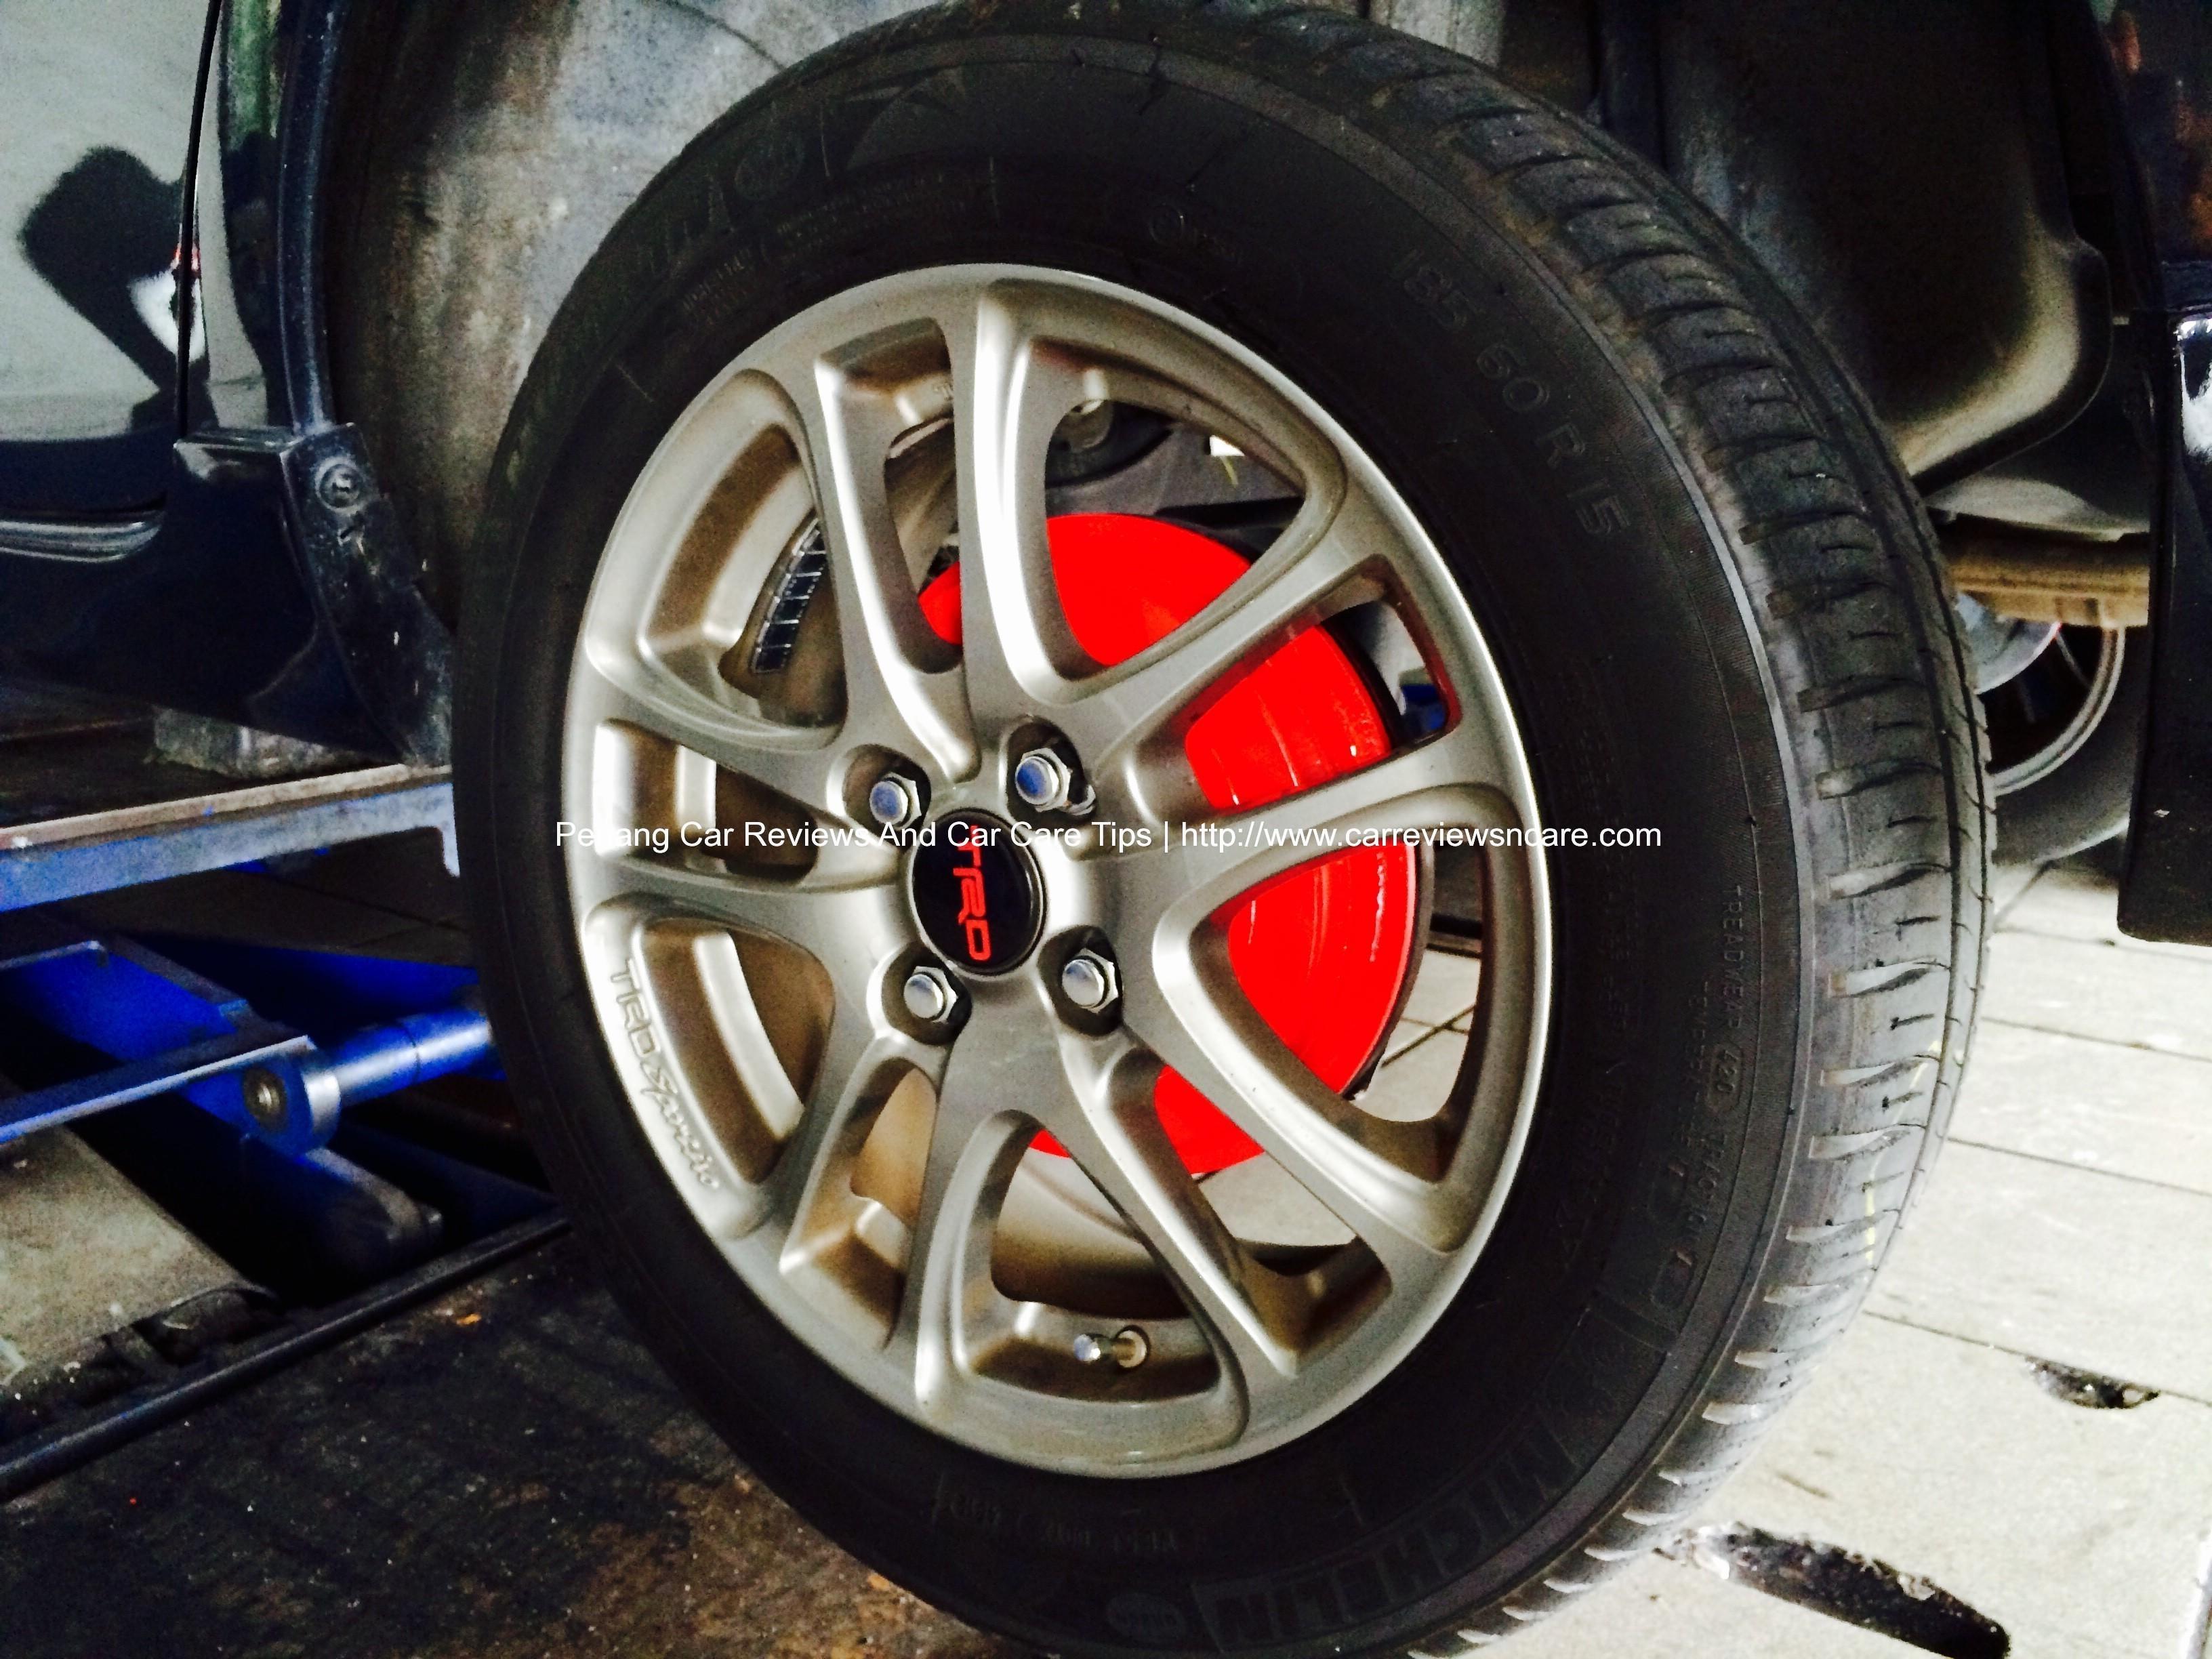 diy drum brakes adjustment car rc. Black Bedroom Furniture Sets. Home Design Ideas